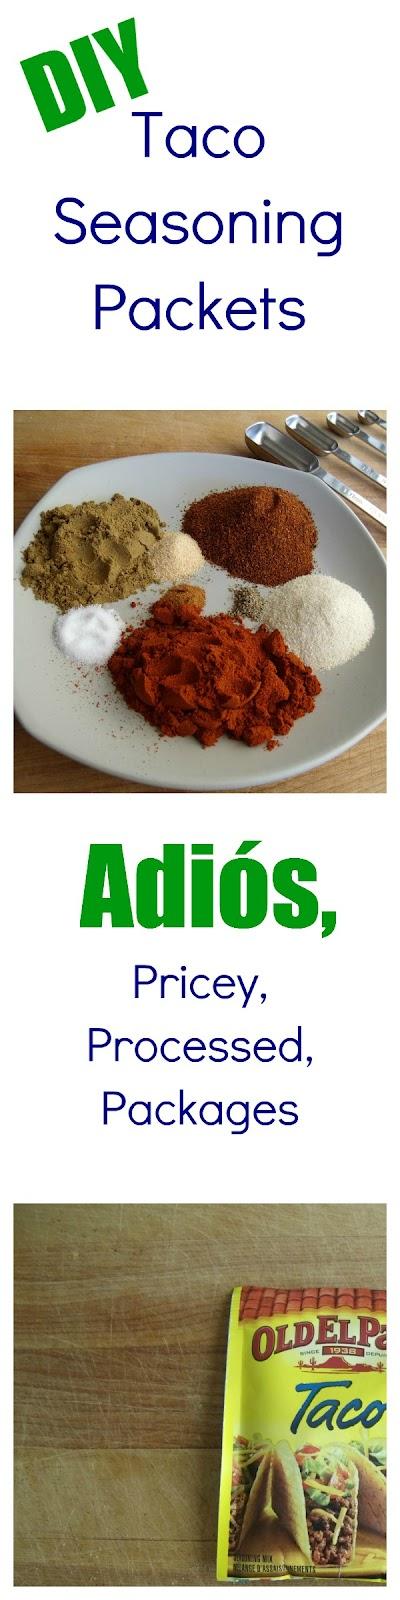 DIY Taco Seasoning Packet Recipe #tacoseasoningpacket